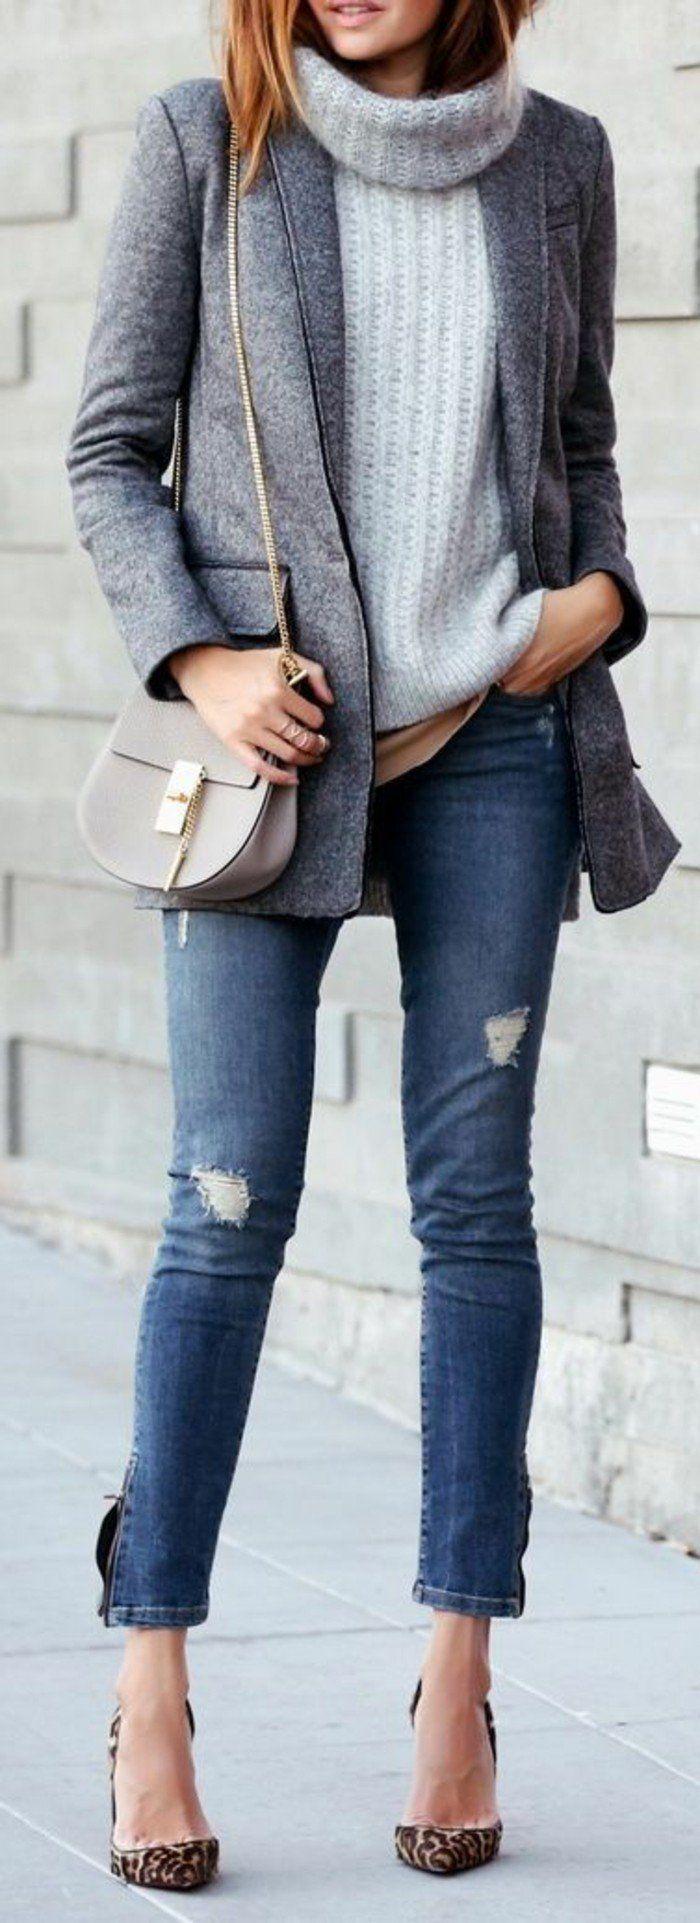 Le pull col roulé femme – 71 tenues qui nous réchauffent cet hiver – Archzine.fr